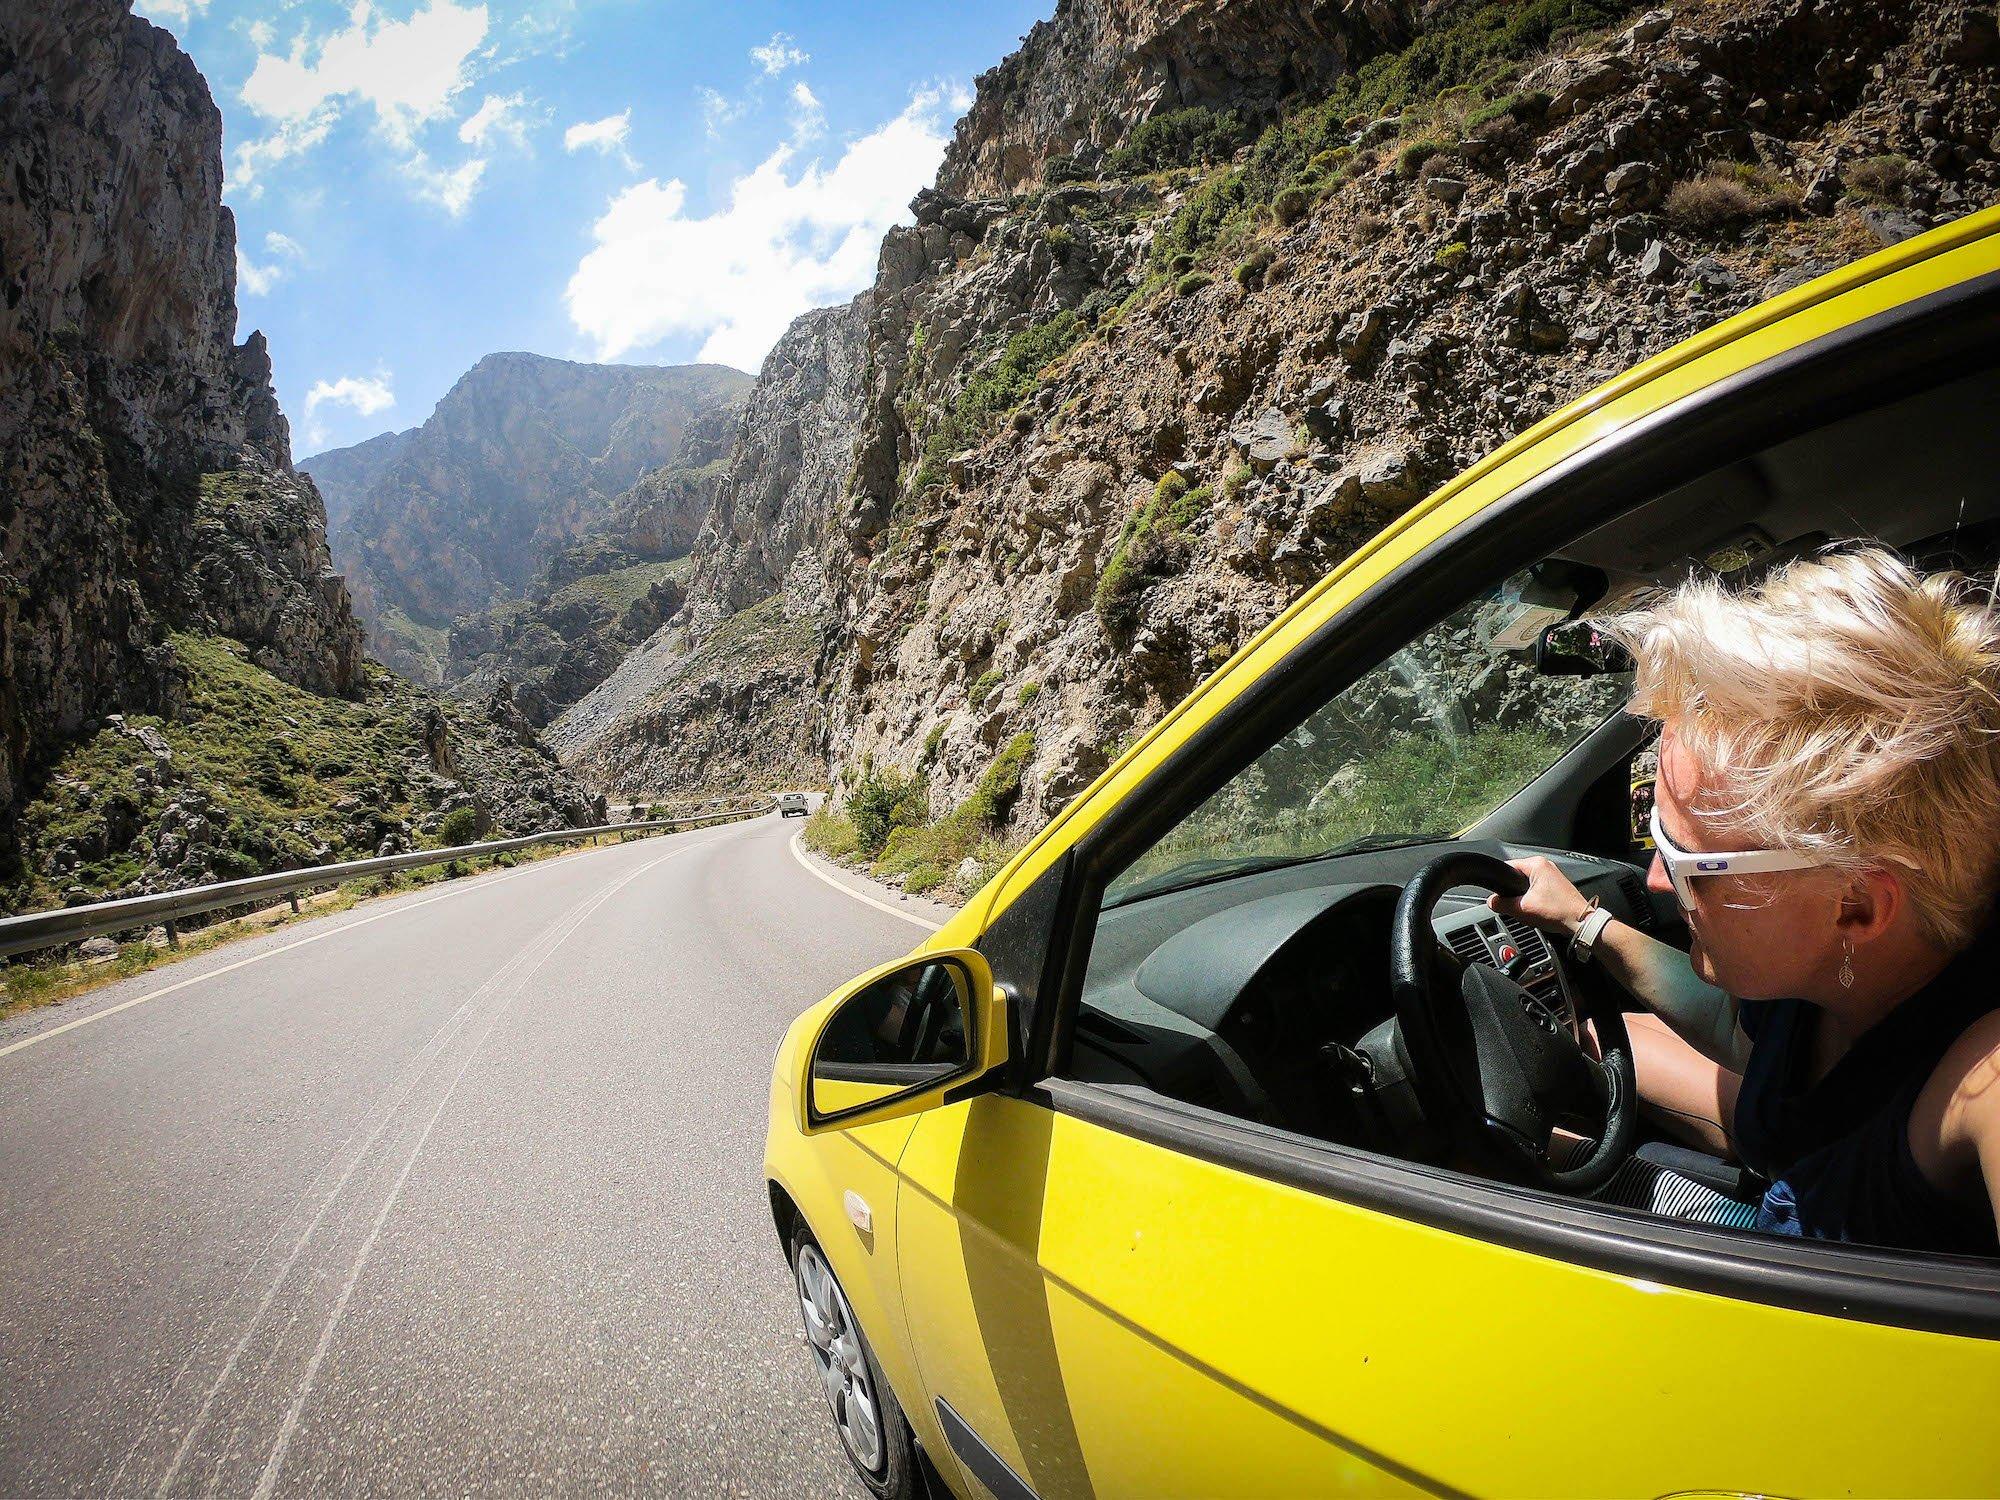 Crete-Road-Mountains-Gopro